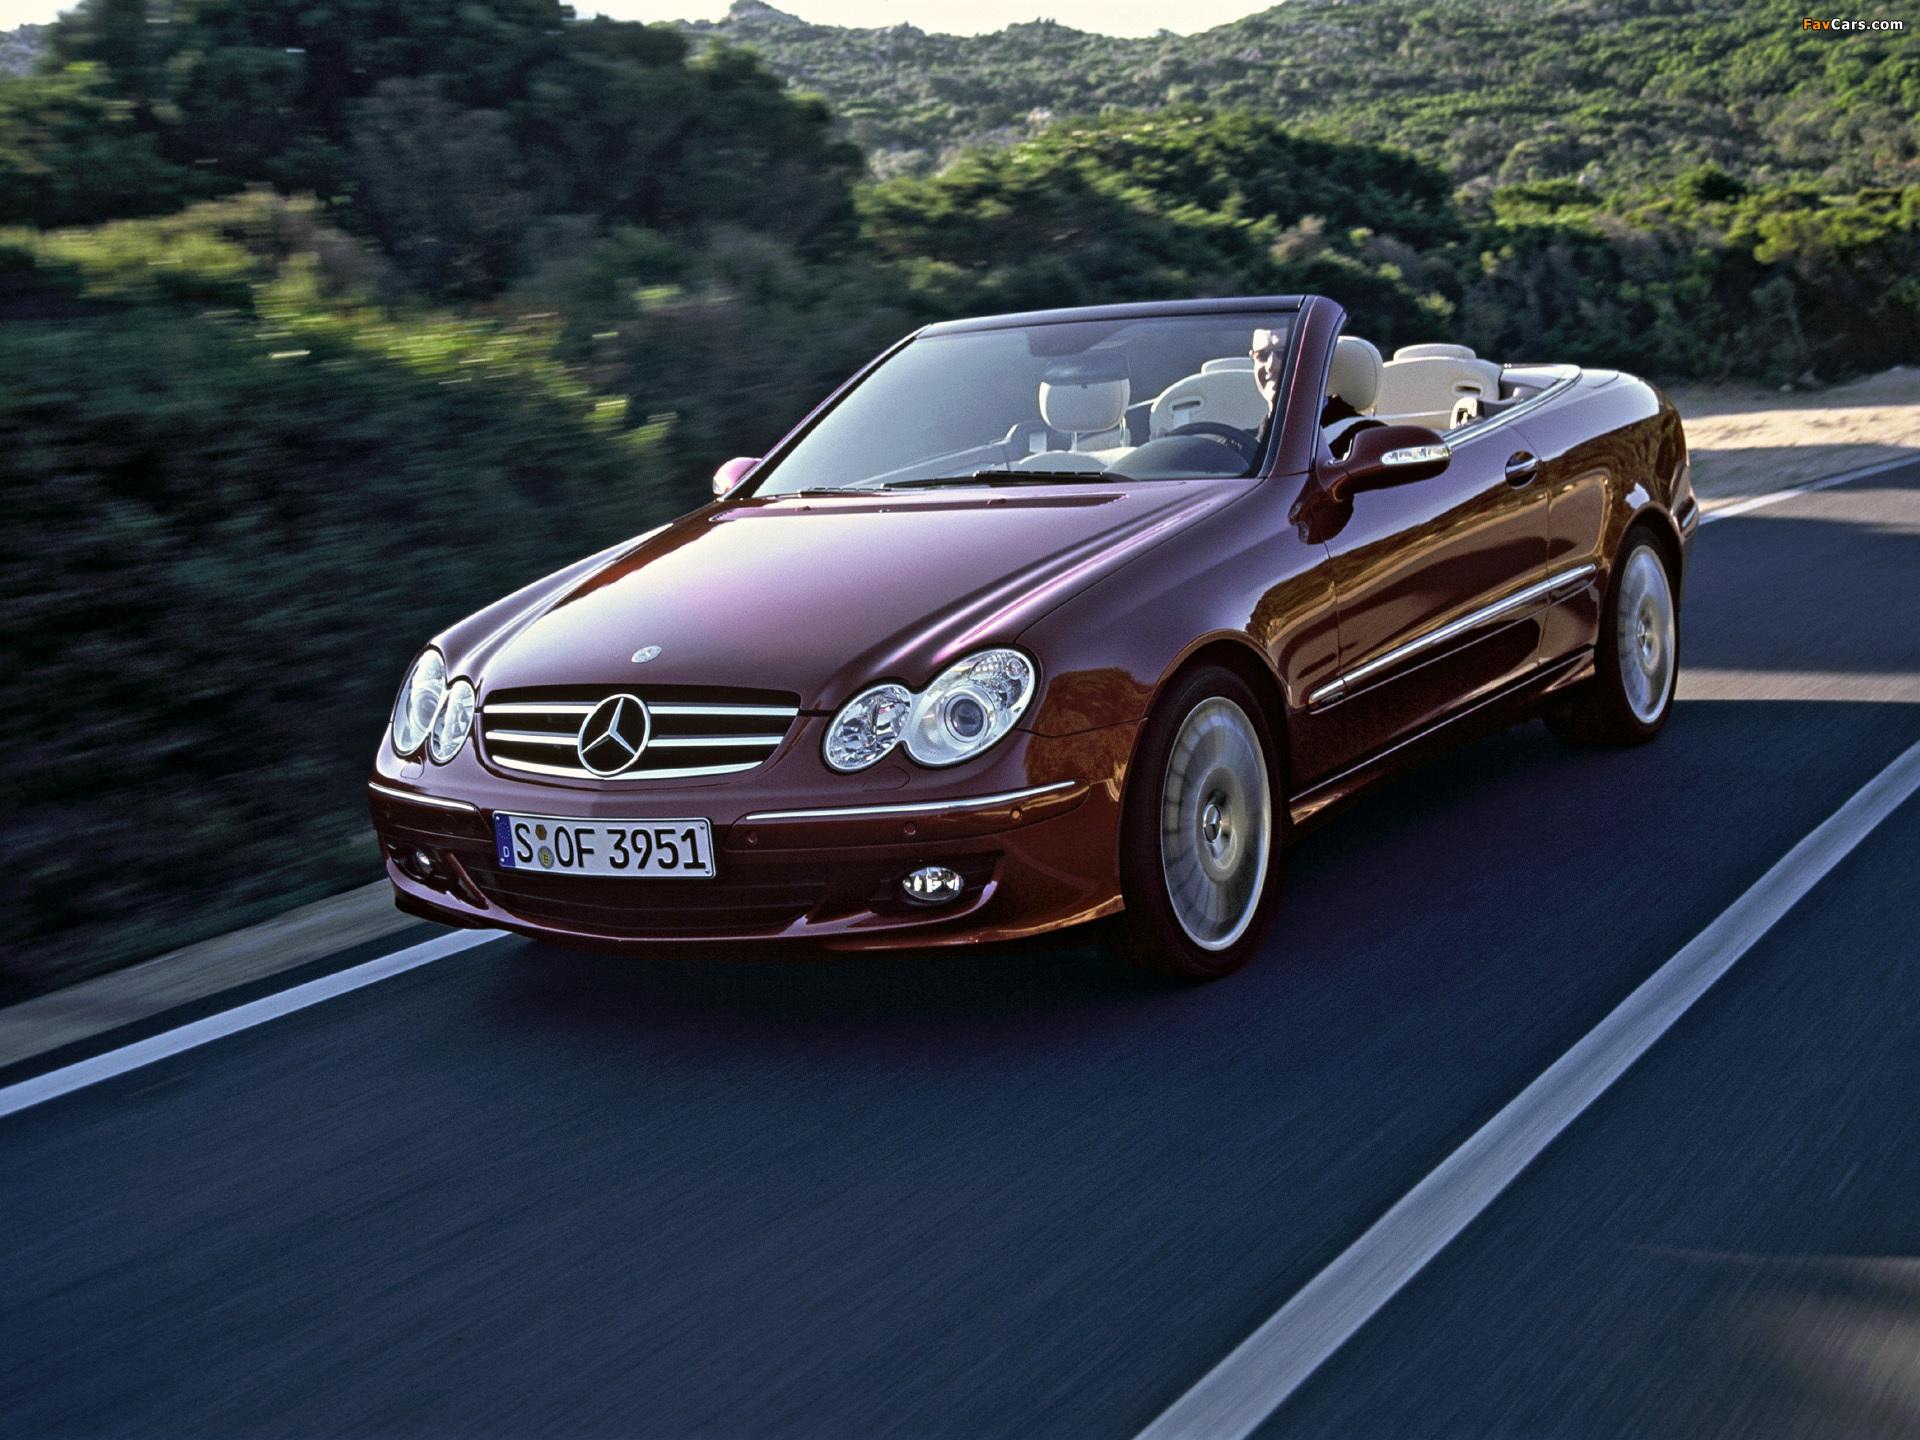 Mercedes-Benz CLK 320 CDI Cabrio (A209) 2005–10 images (1920 x 1440)